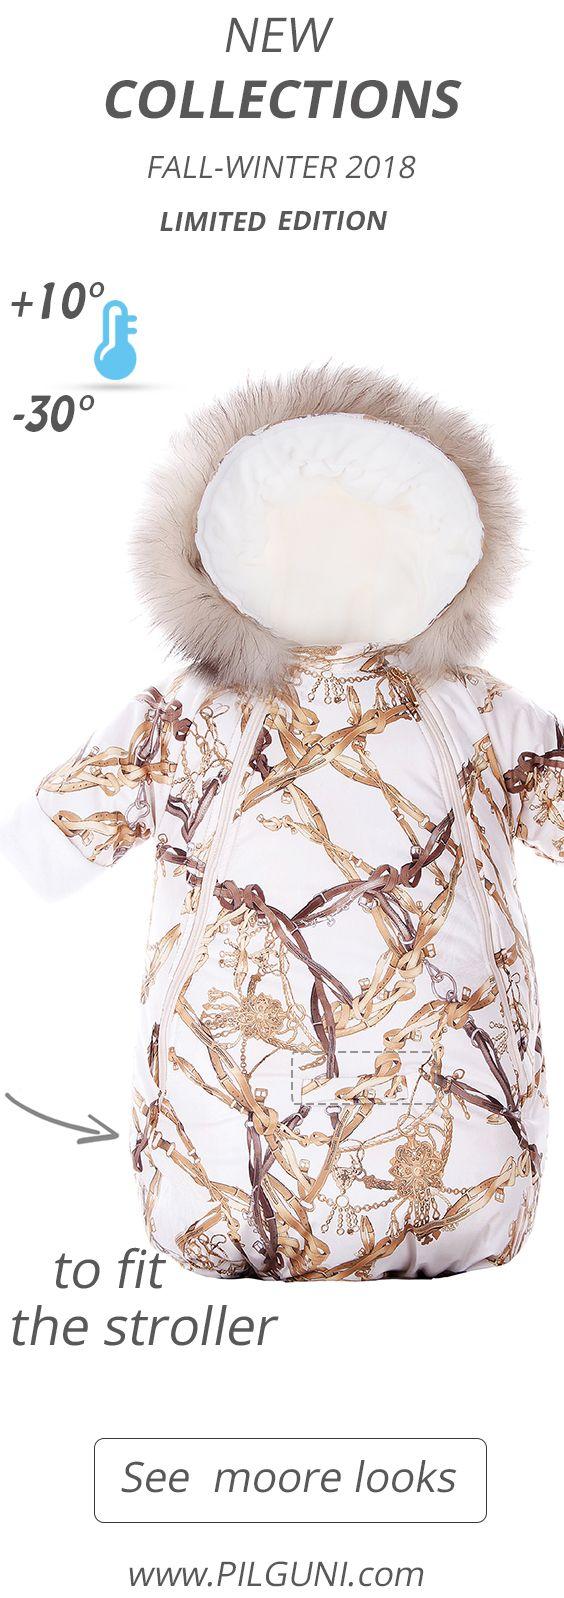 #Stroller bunting and #footmuff HORSES. #Shop. #Designer #baby #brand! #Pilguni.com #online #superstore. Магазин. Дизайнерская #одежда для# детей и #беременных женщин розничной продажи! Pilguni.com #интернет #магазин. #Конверт для #новорожденных #2017-2018